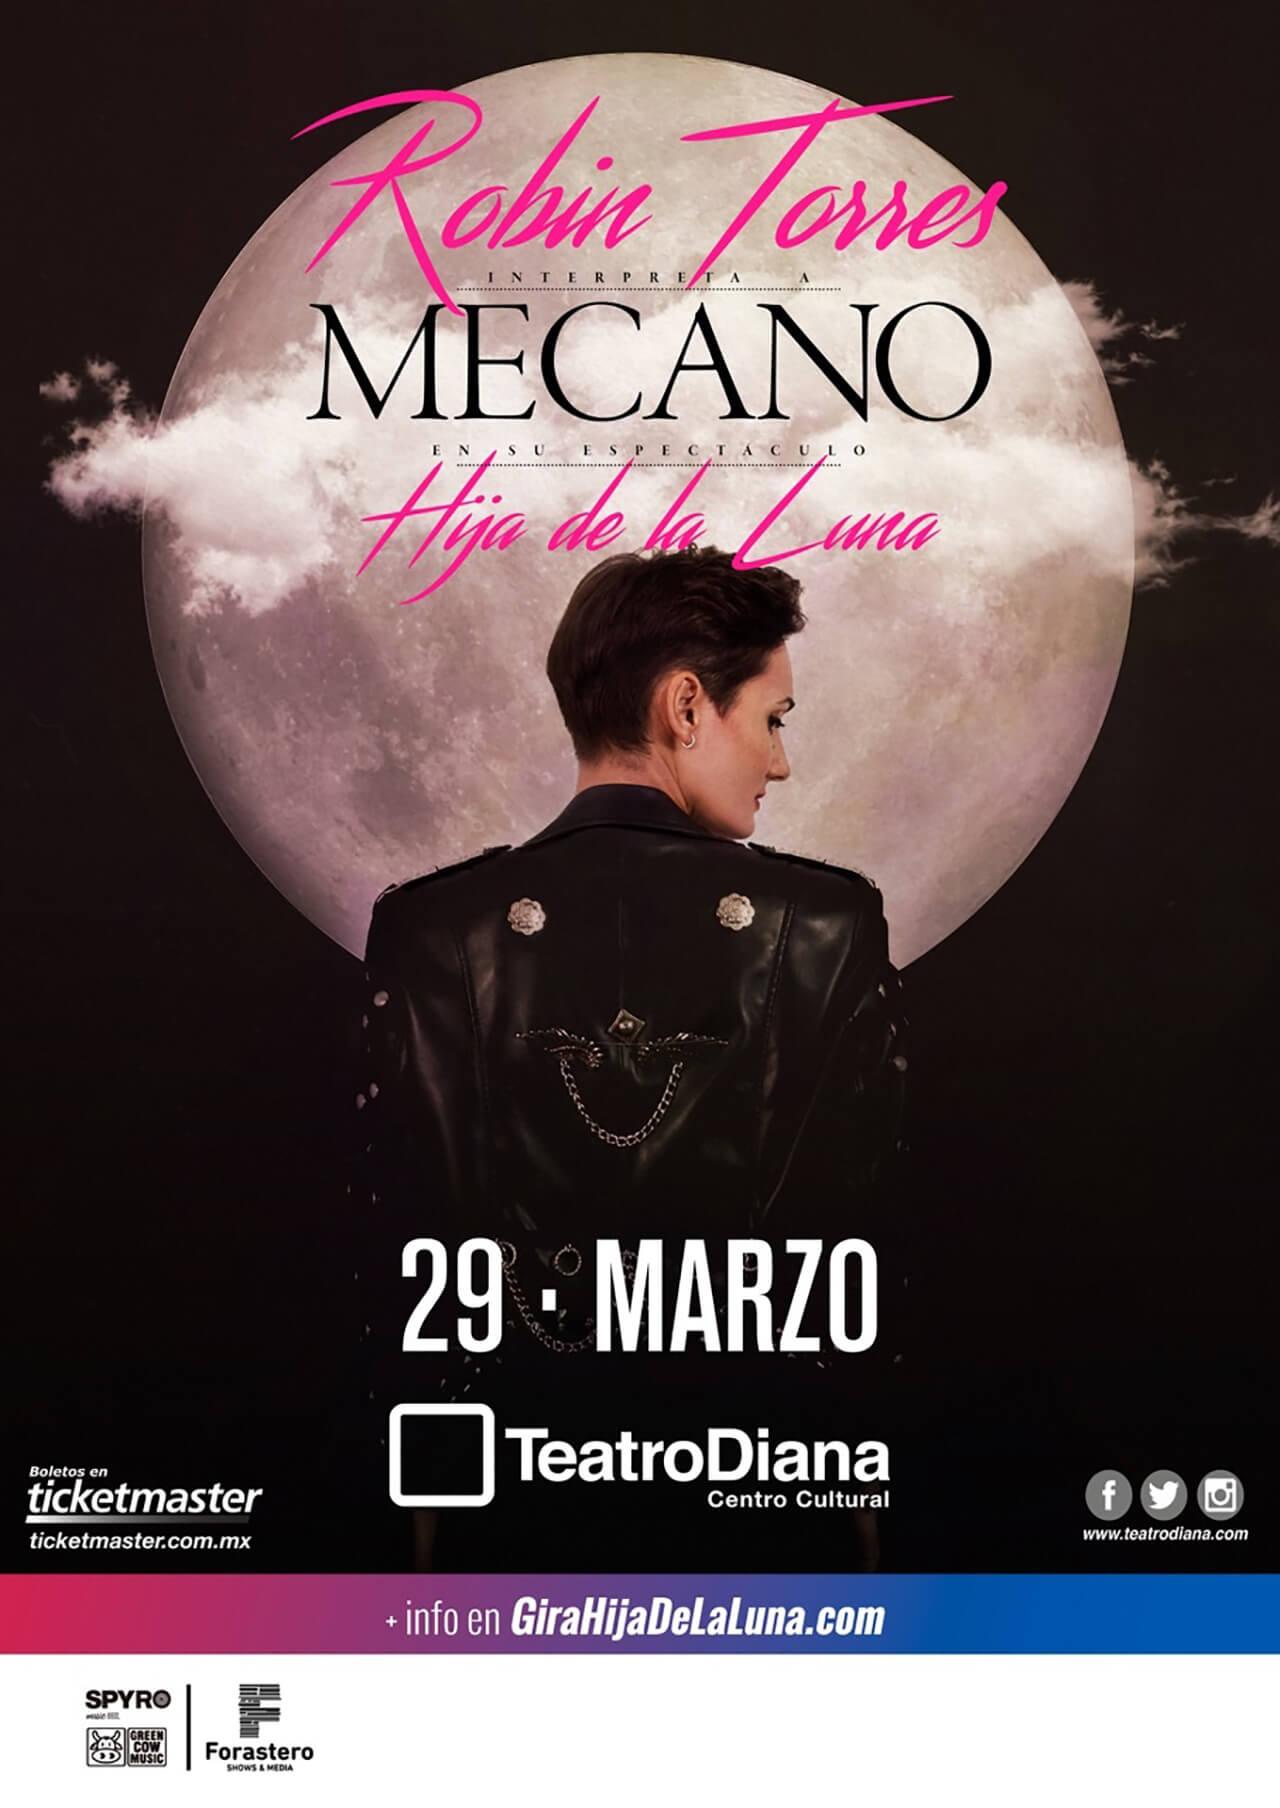 [Pospuesto] Hijade laLuna, Homenaje a Mecano - 29 de Marzo en Teatro Diana